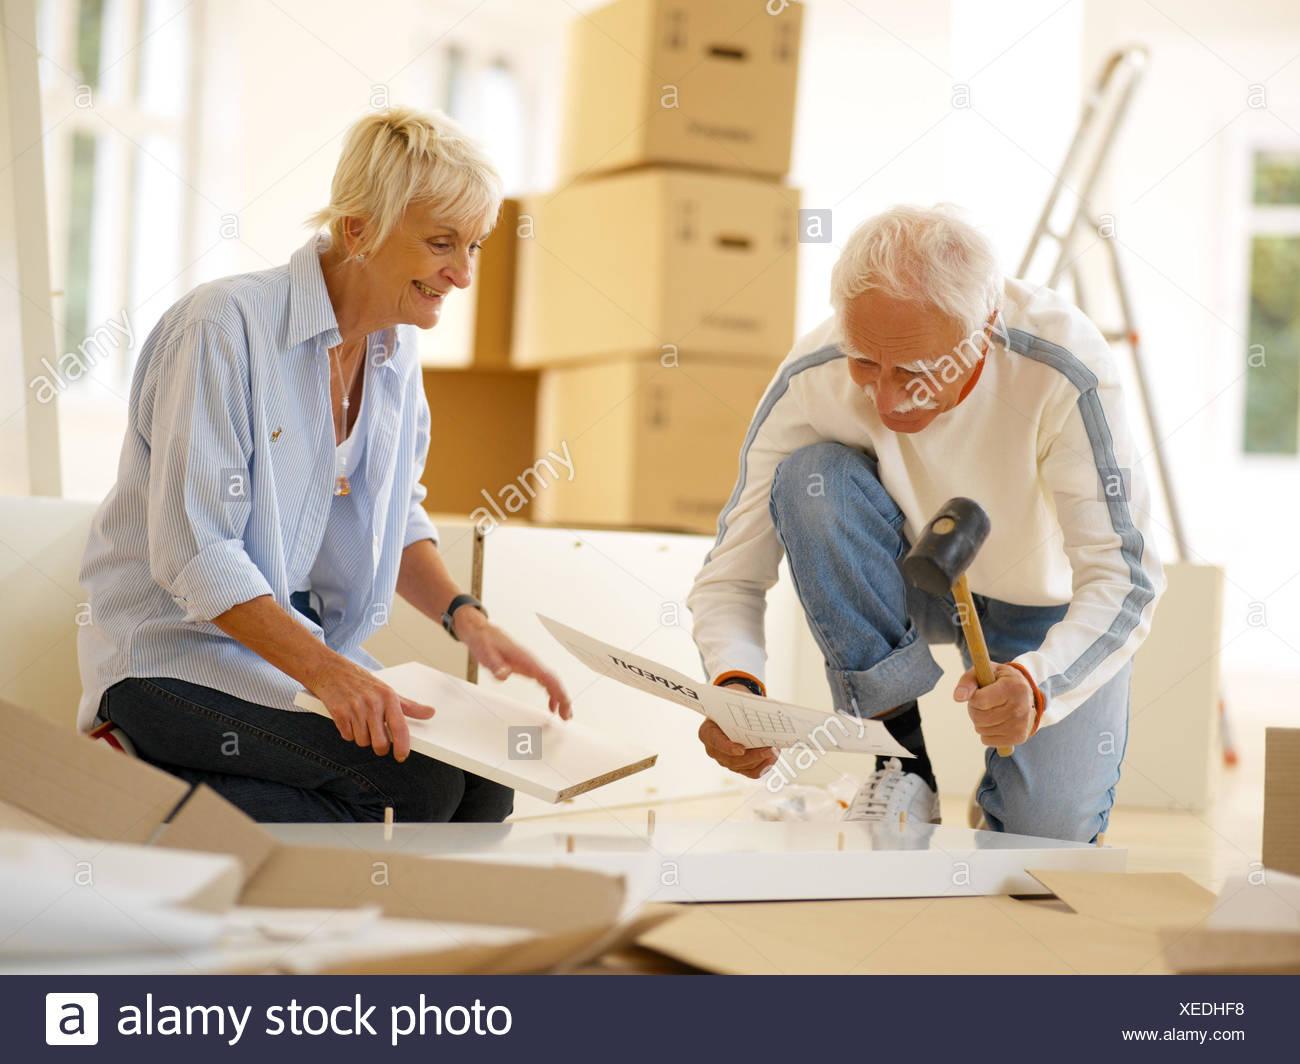 Procession, Senior couple, meubles, assemblage, concentration, 60 ou 70 ans, les personnes âgées, en couple, changer, déplacer, rangements, construire, ensemble, des instructions, des instructions, lire, bricoleur, faites-le vous-même, ensemble, le travail d'équipe, Photo Stock